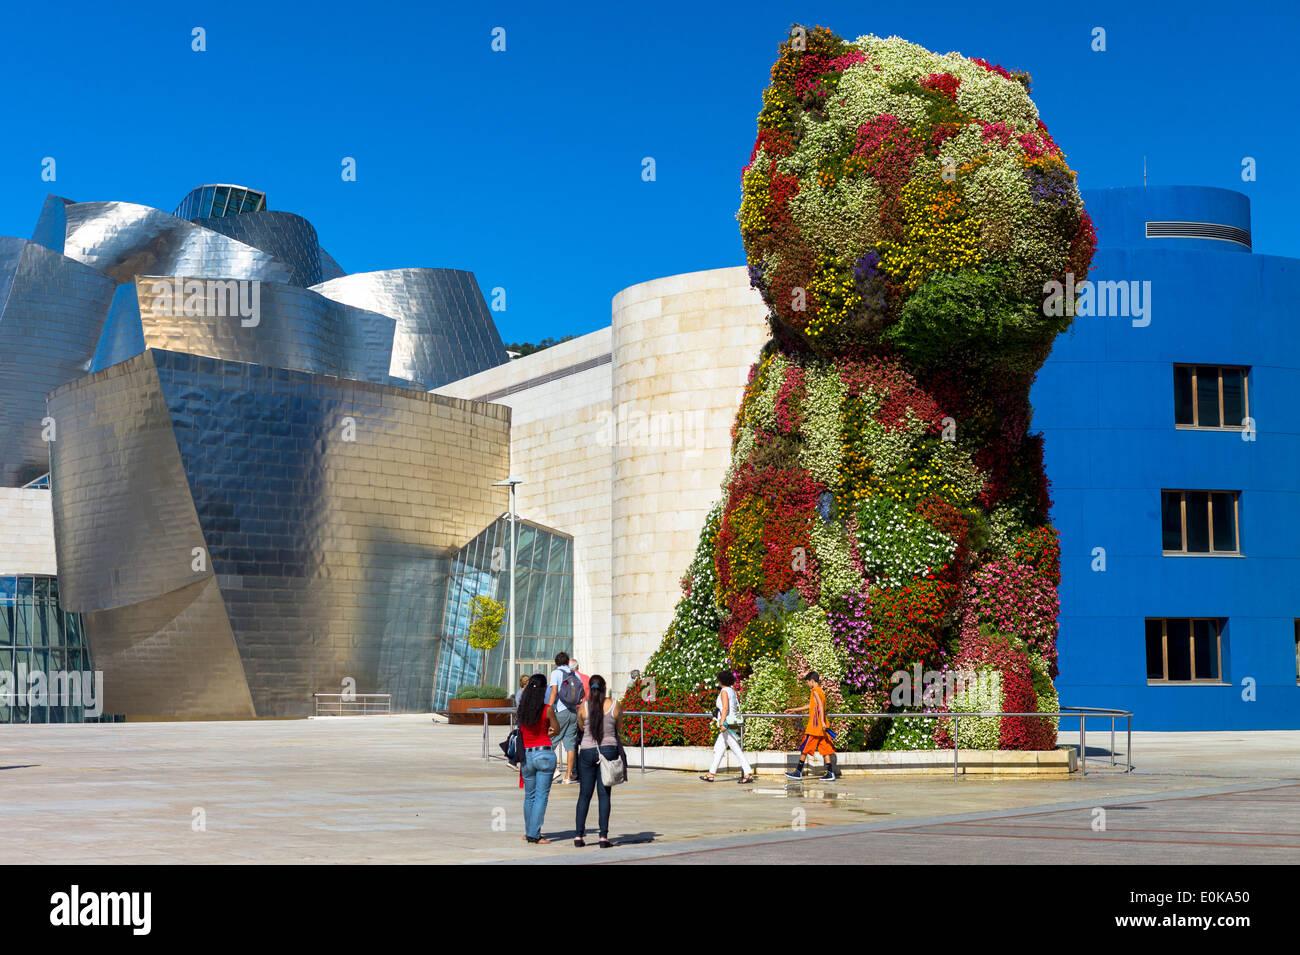 Touristen Ansicht Welpe Blume bieten florale Kunst von Jeff Koons am Guggenheim Museum in Bilbao, Baskenland, Spanien Stockbild